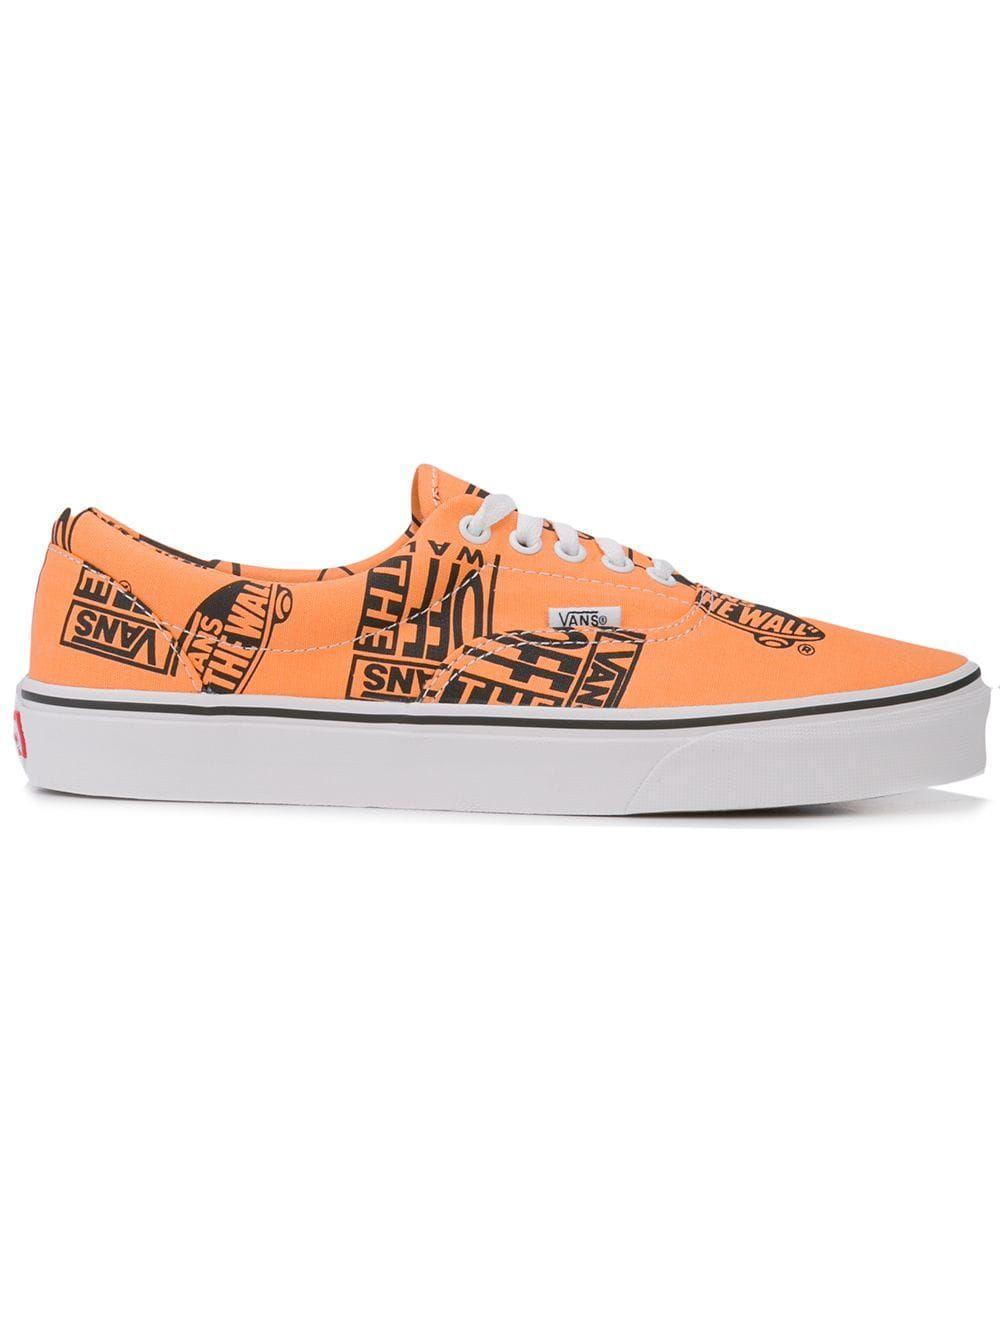 VANS VANS ERA LOGO MIX TANGERINE ORANGE. #vans #shoes